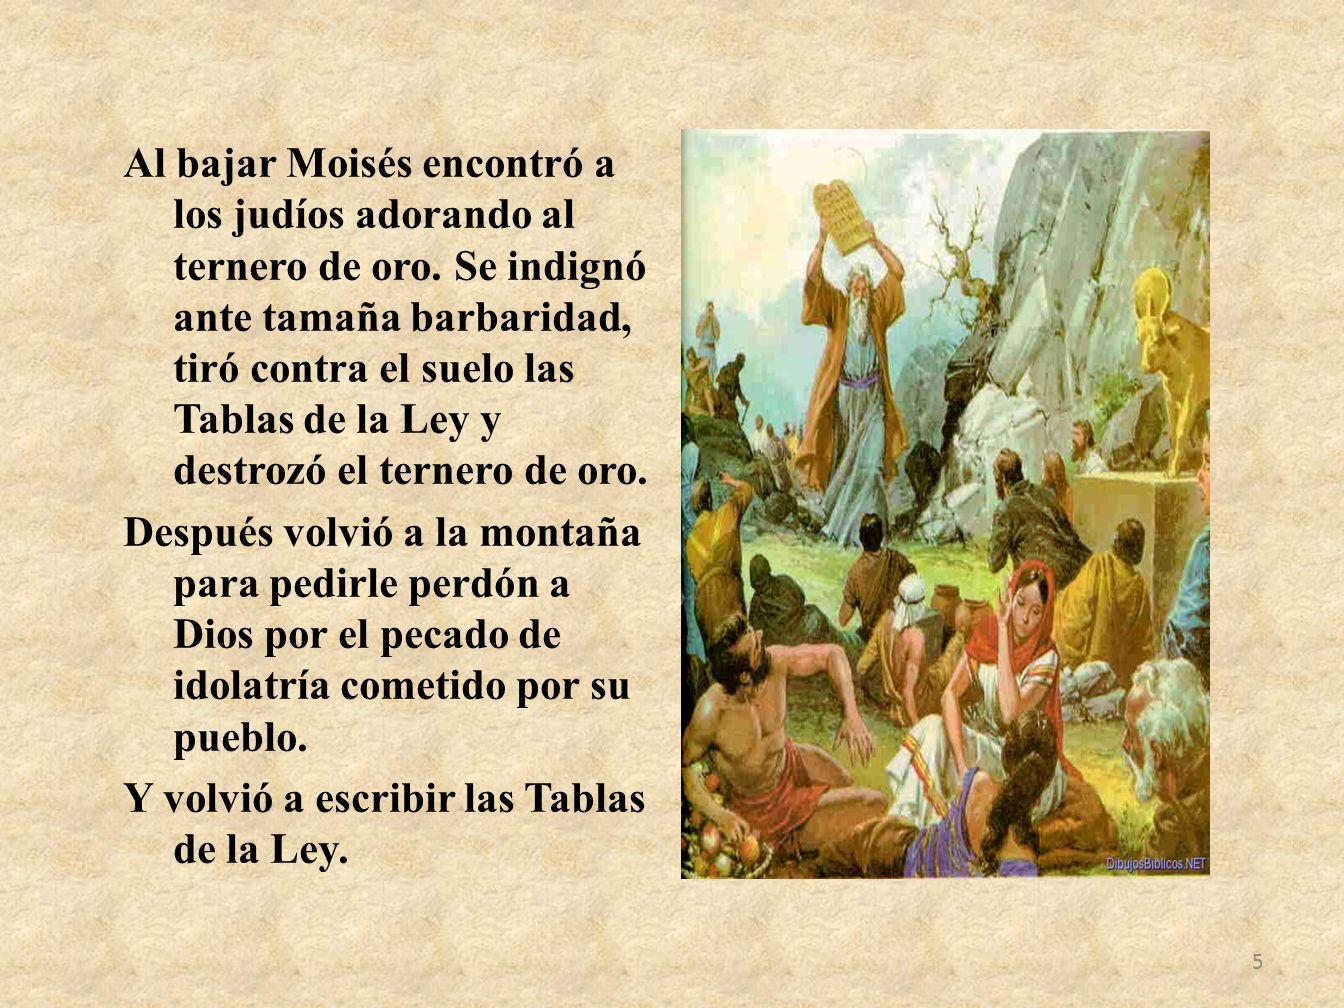 Al bajar Moisés encontró a los judíos adorando al ternero de oro